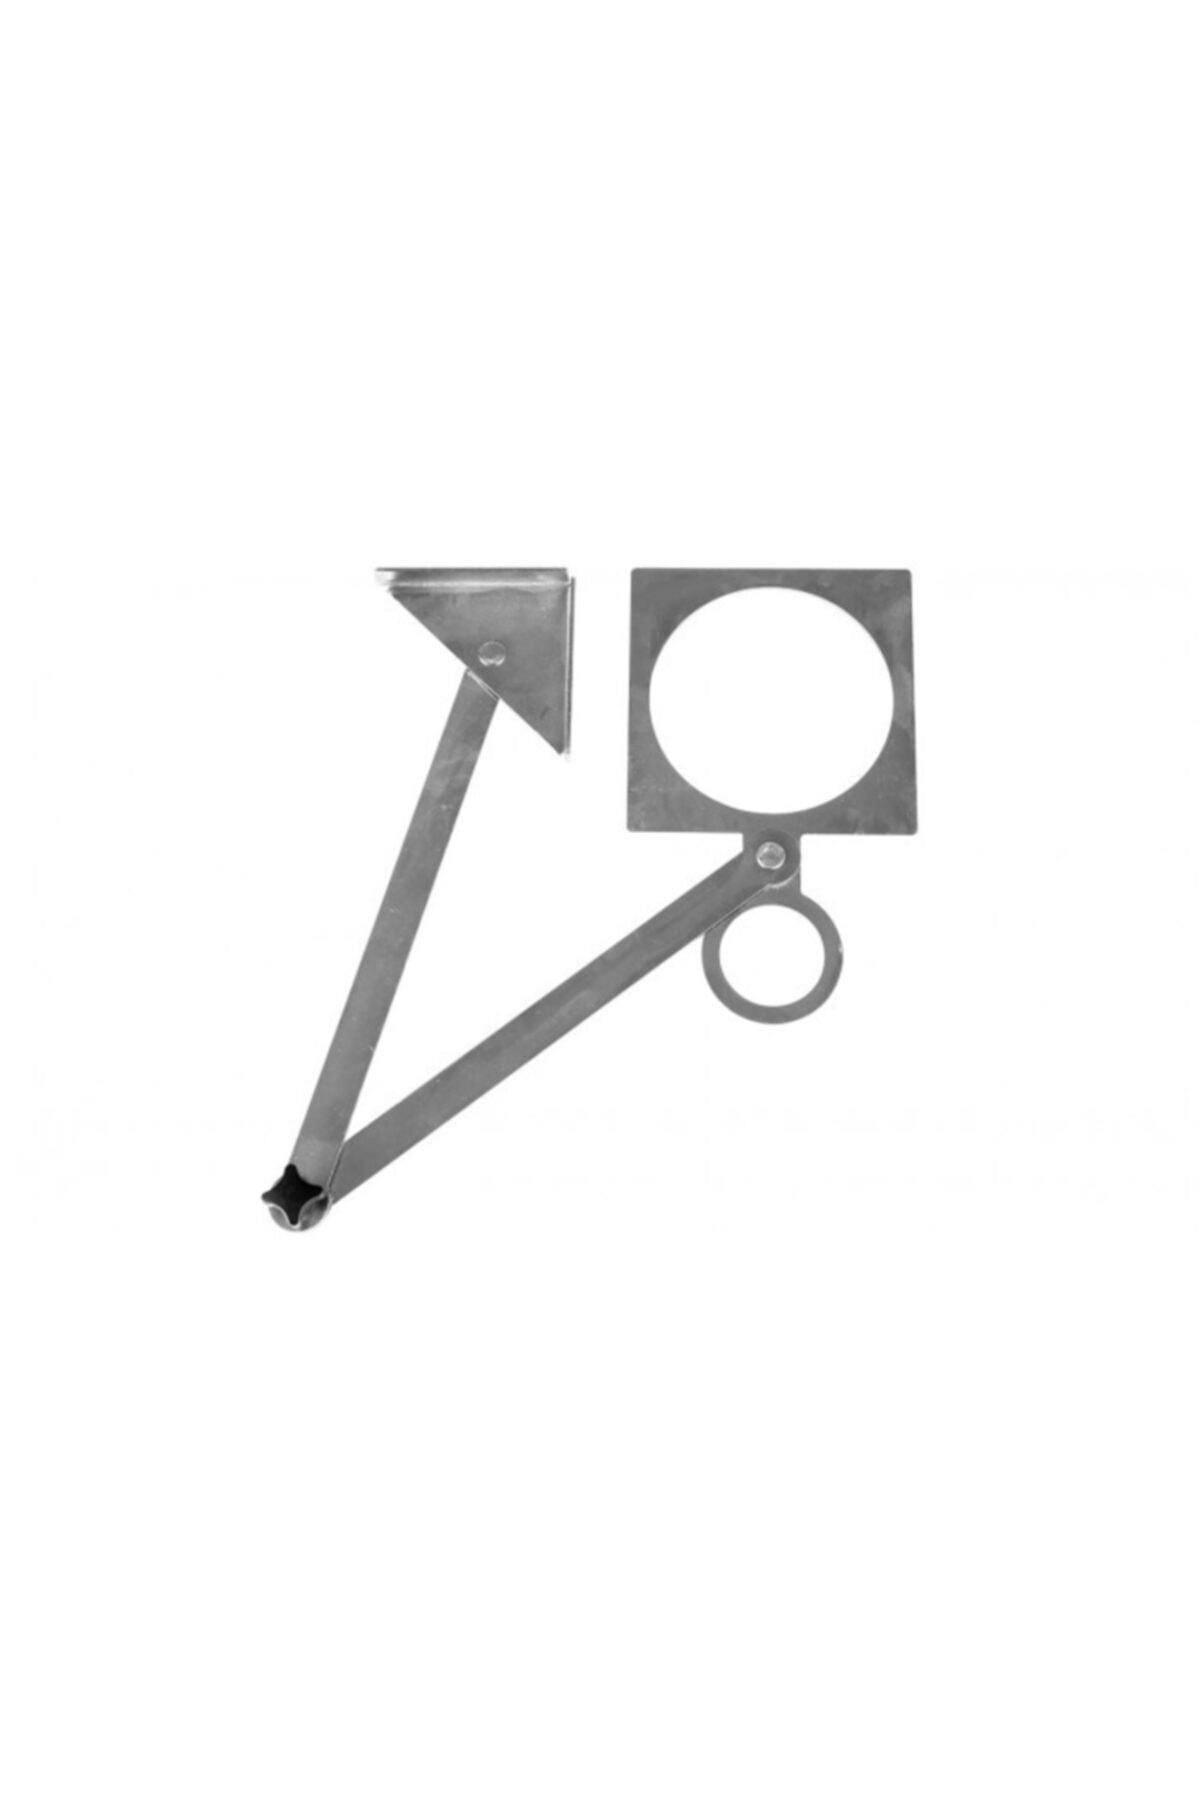 Kristal Fayans Seramik Markörü Delik Kılavuzu 1